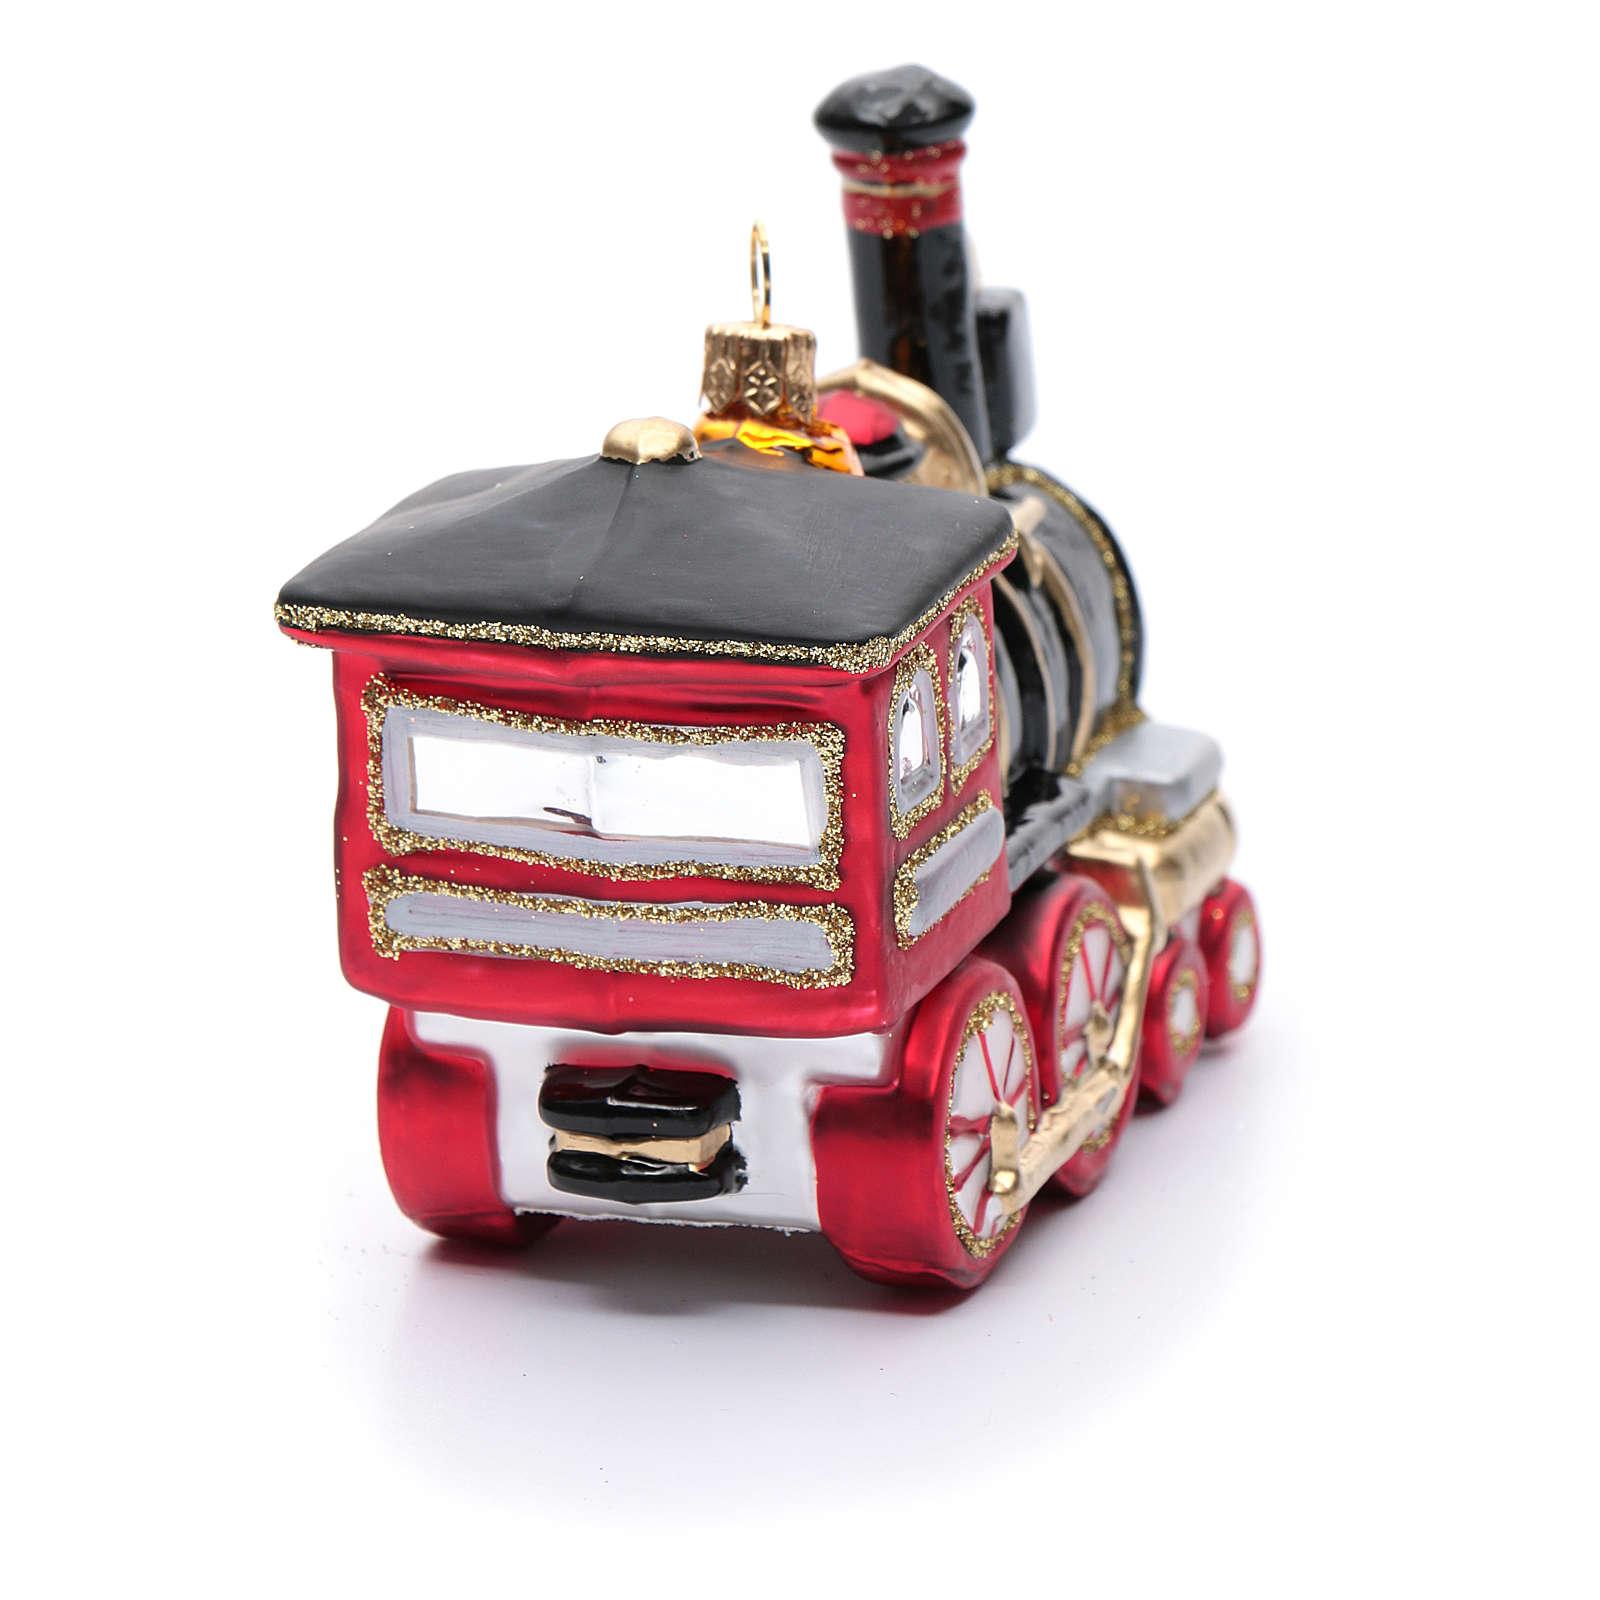 Locomotiva decorazione vetro soffiato Albero Natale 4